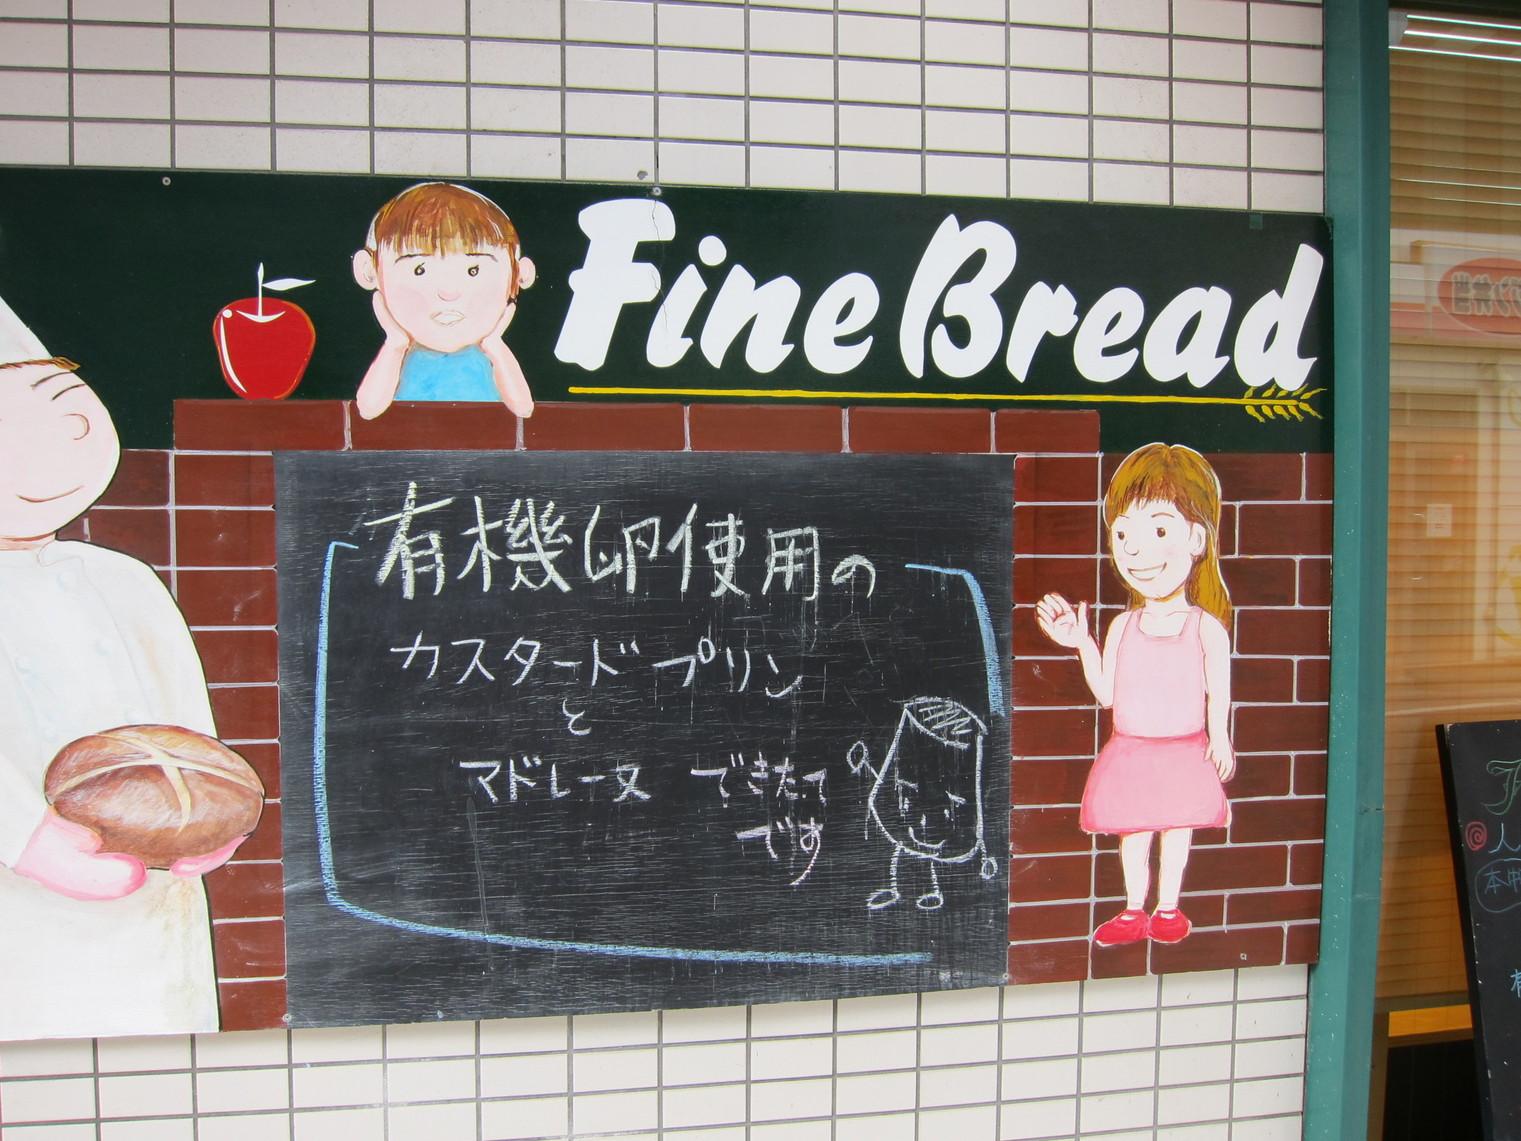 ファインブレッド 駅前店